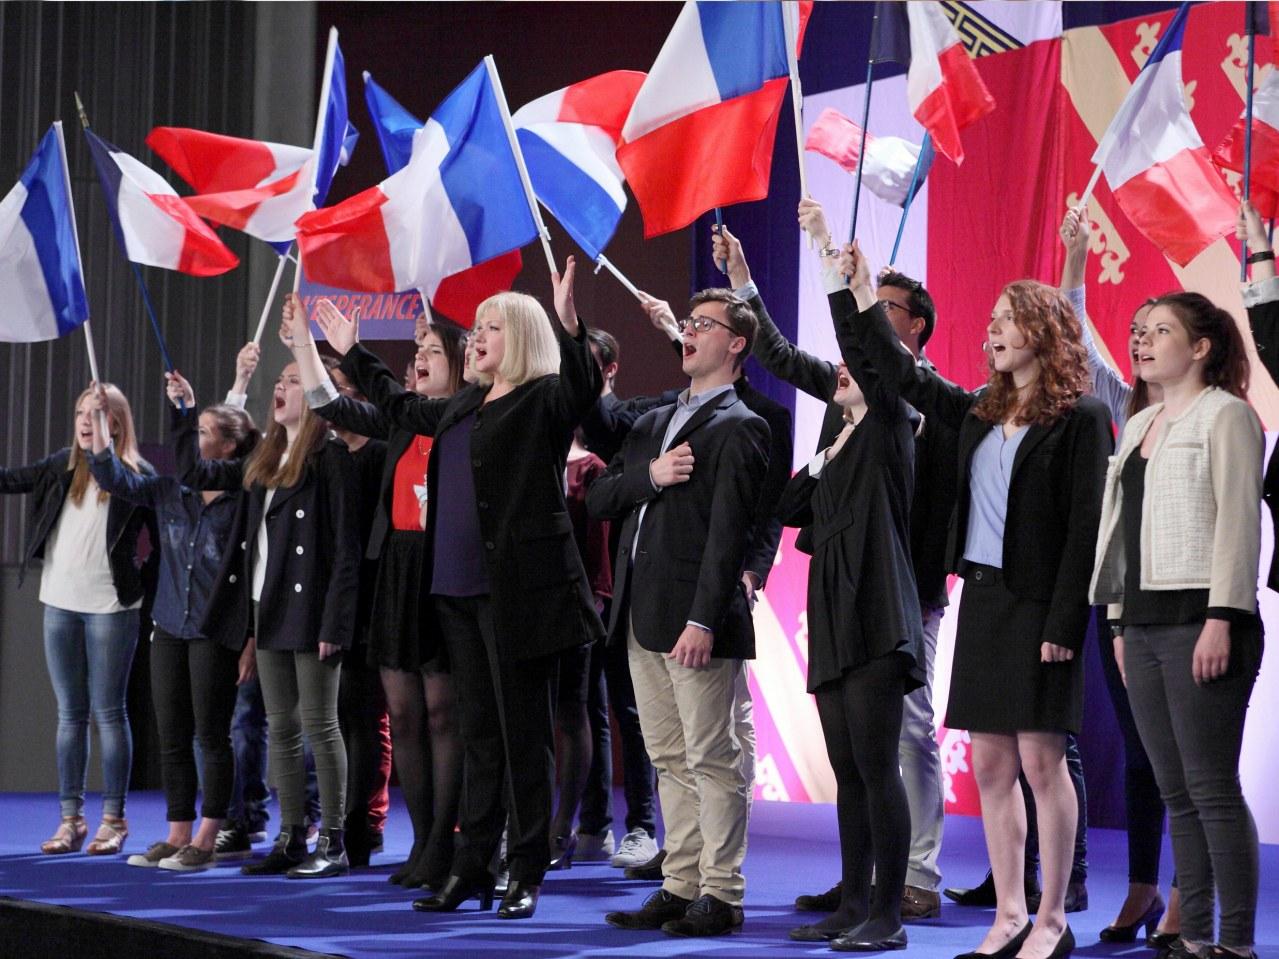 Das ist unser Land! - Bild 2